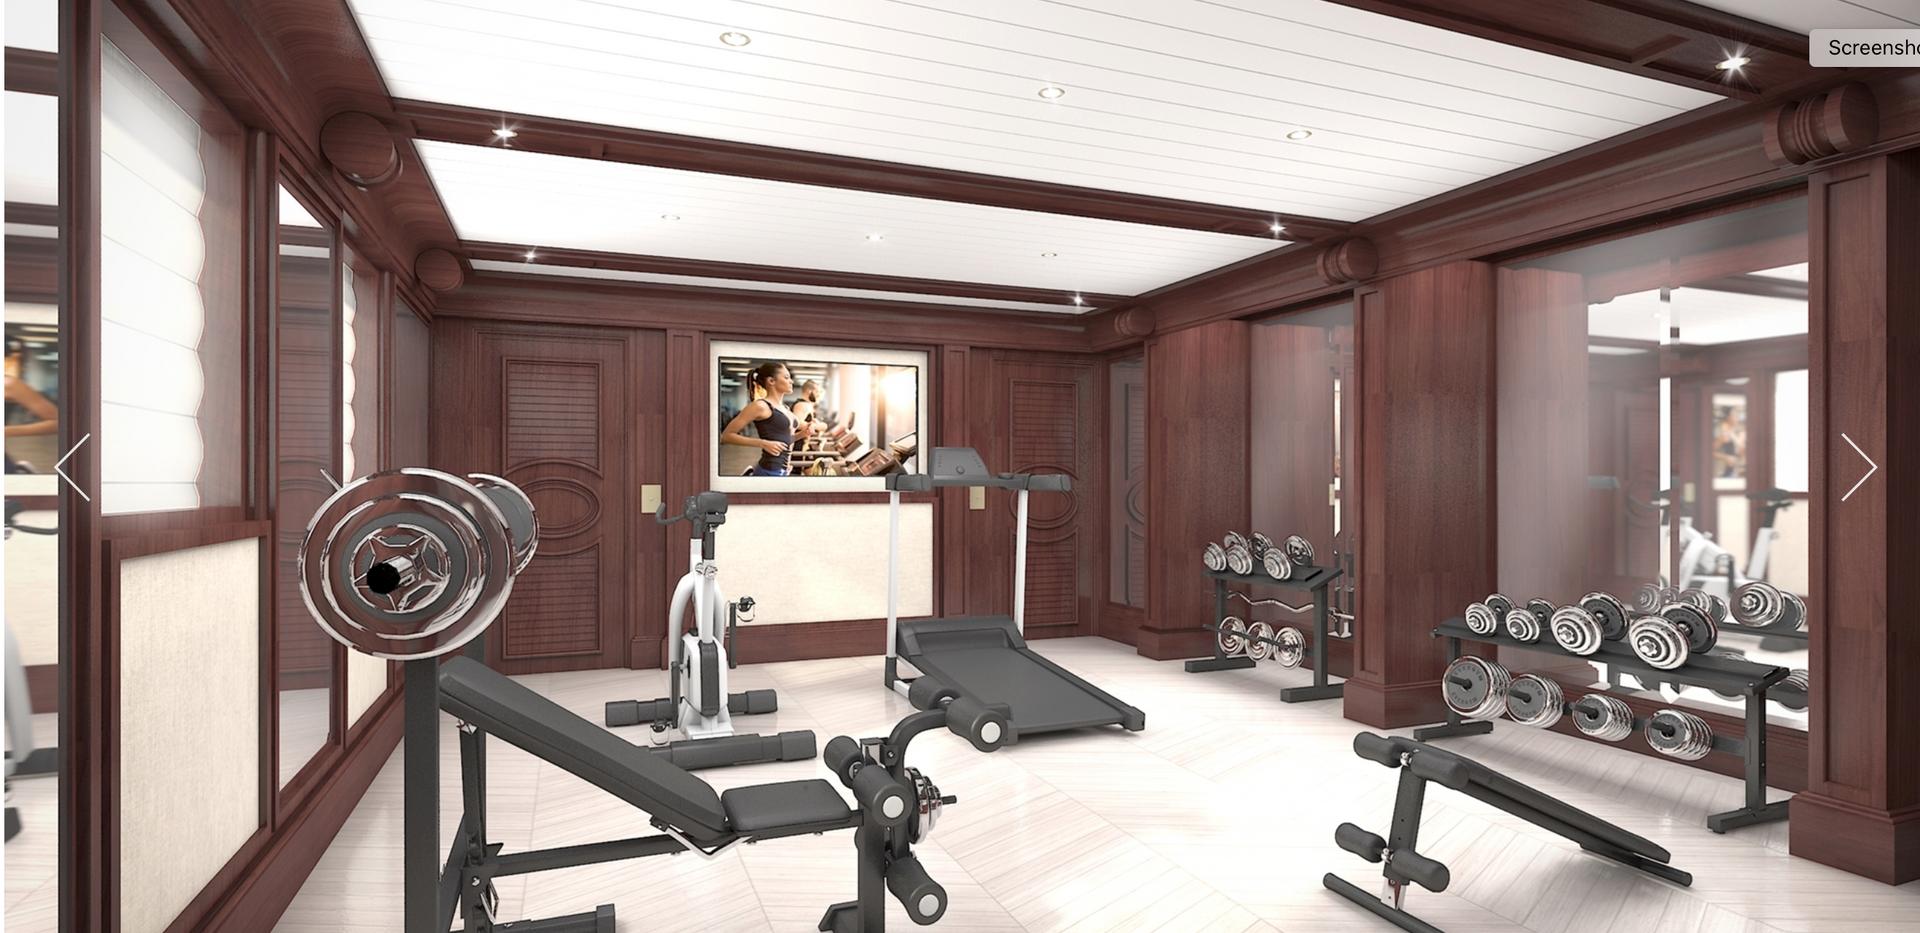 Gym 80m _ 280 ft Blohm+Voss Refit Projec